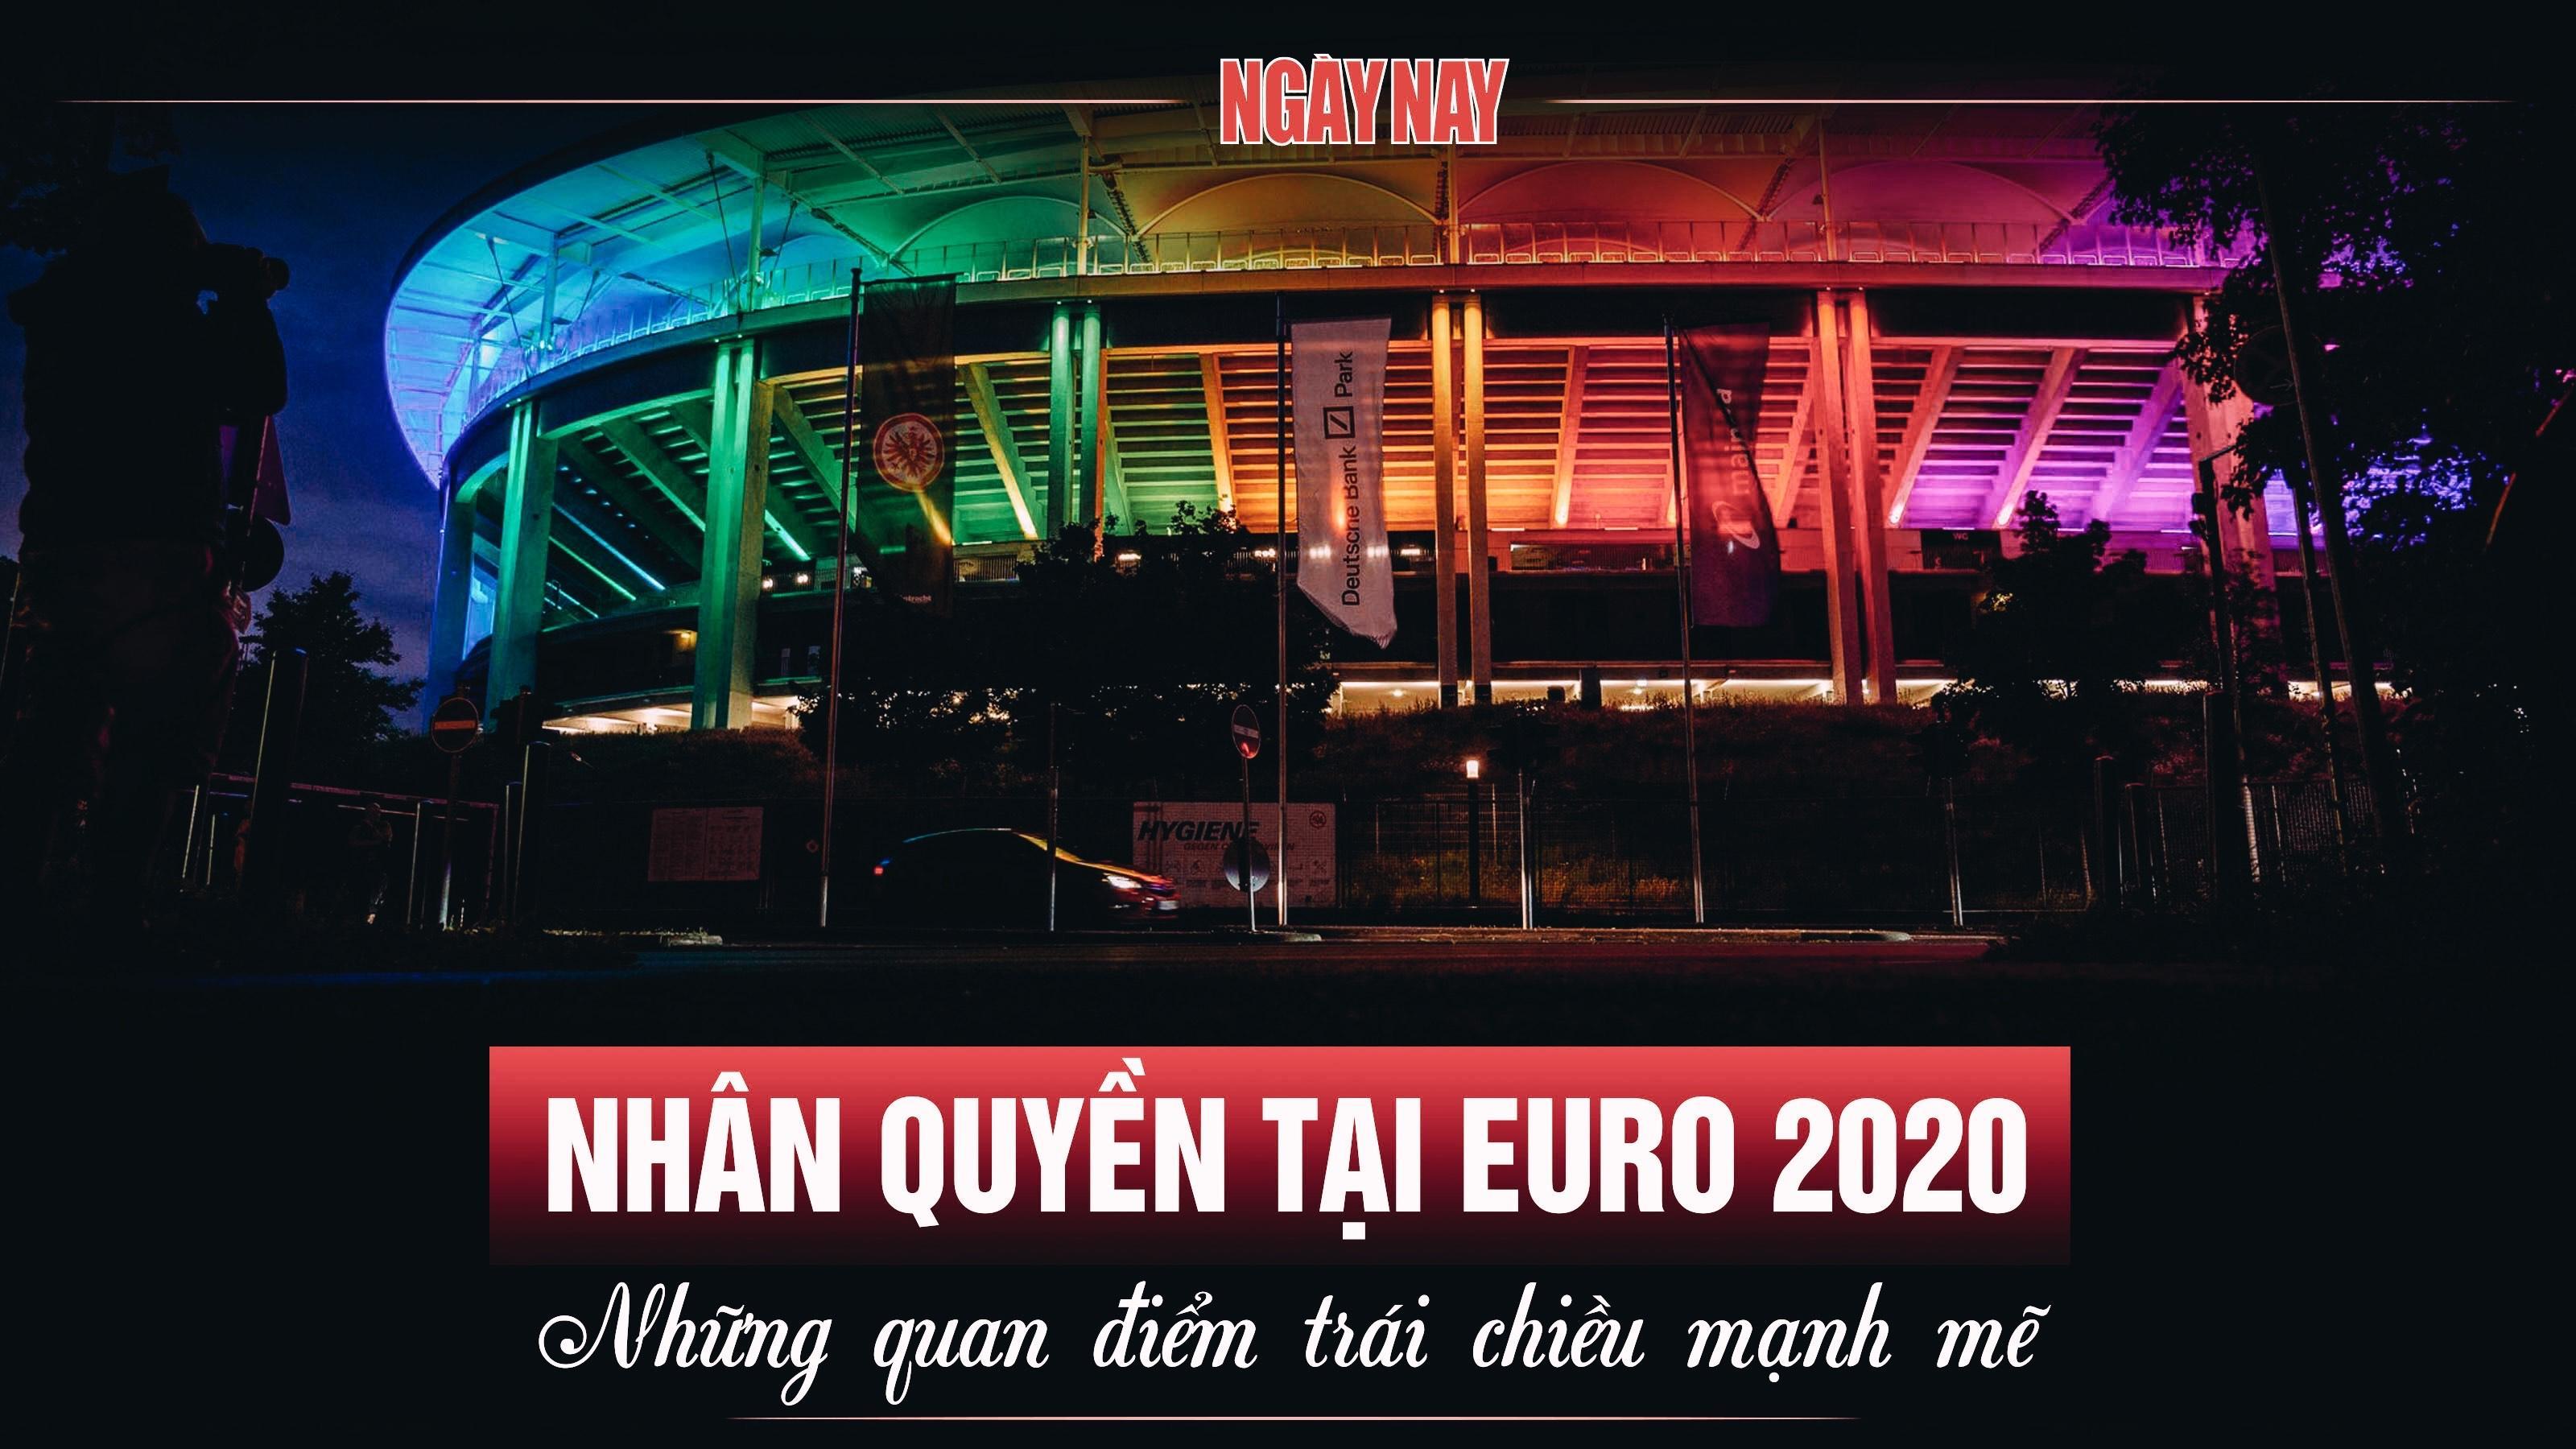 Nhân quyền tại EURO 2020: Những quan điểm trái chiều mạnh mẽ